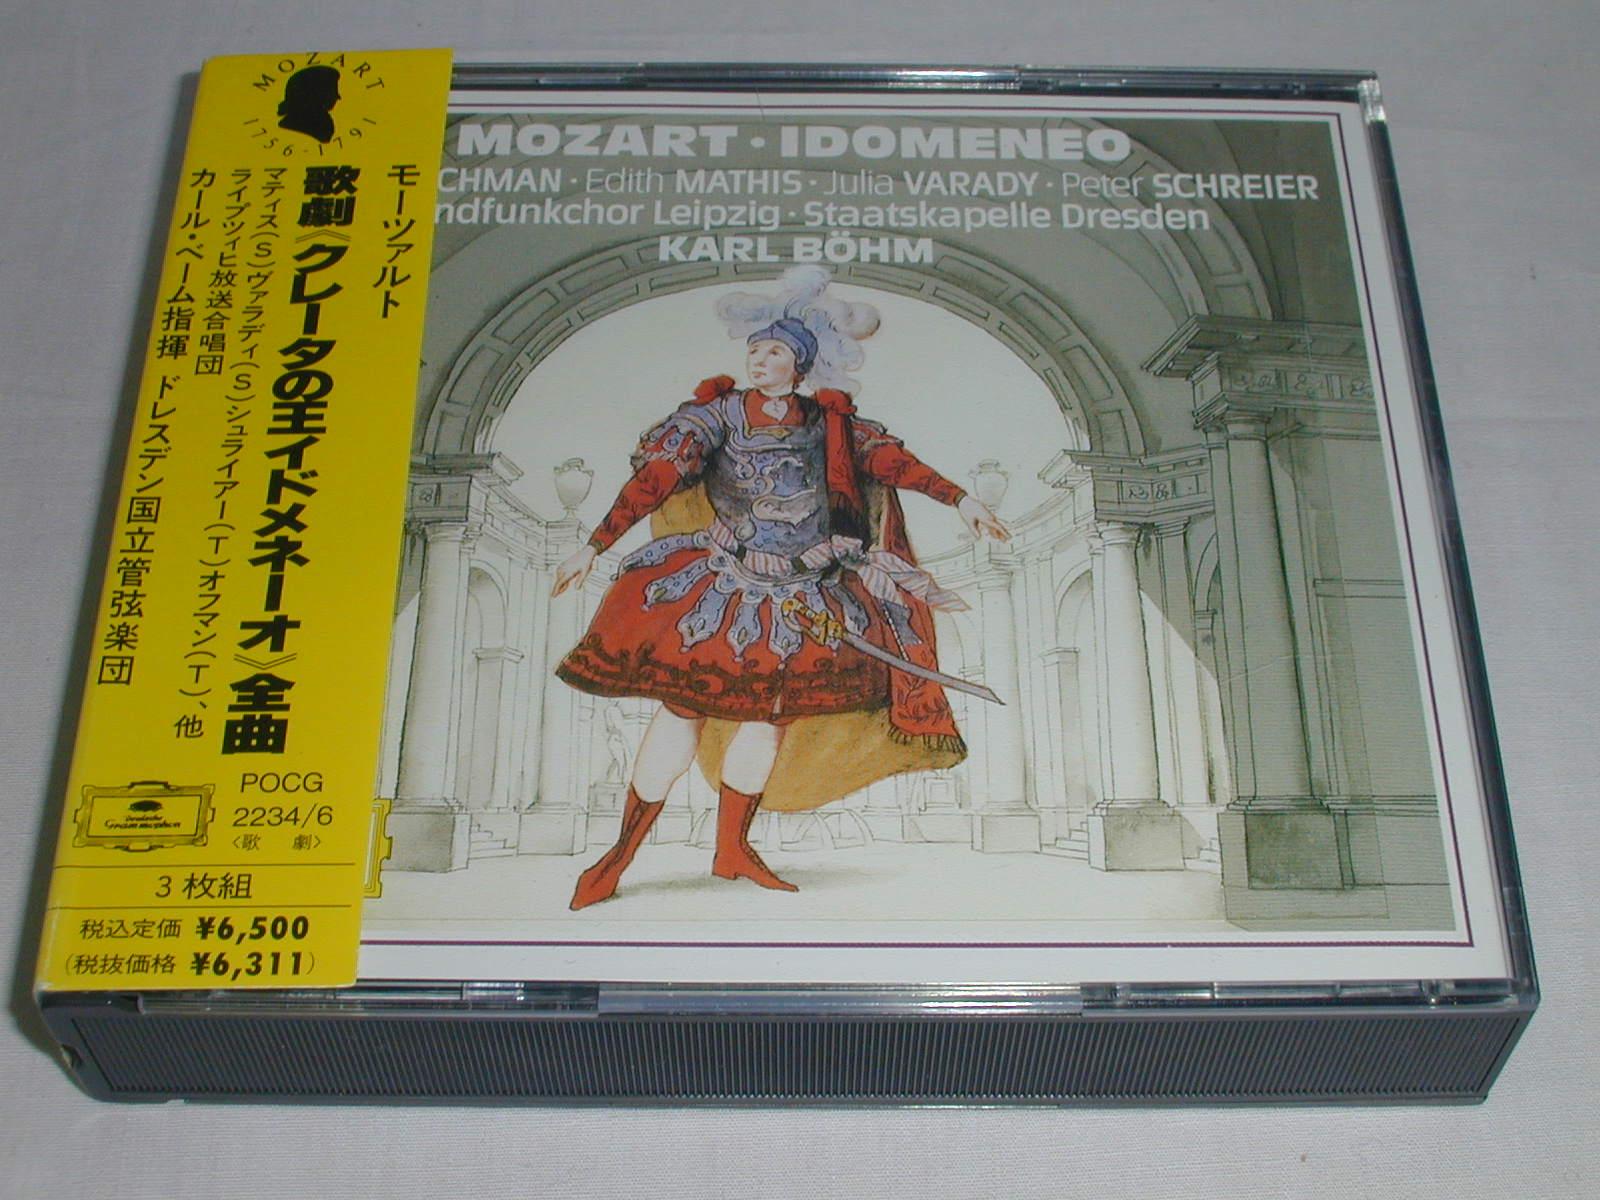 (CD) モーツァルト:歌劇「クレータの王イドメネーオ」 全曲/ベーム <3枚組>